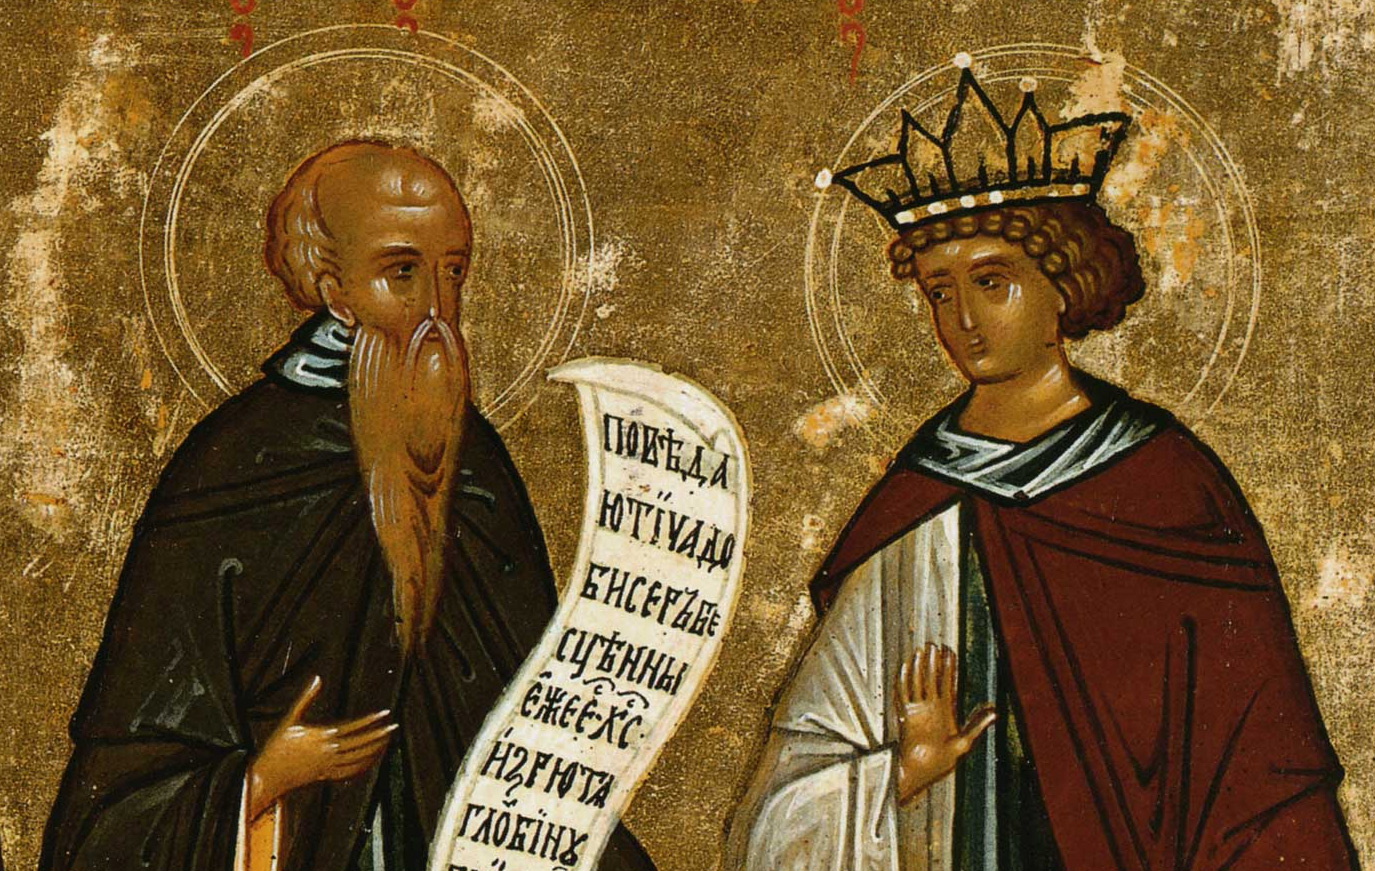 Chuyện về Barlaam và Joasaph hay một sự vay mượn lạ lùng giữa các tôn giáo